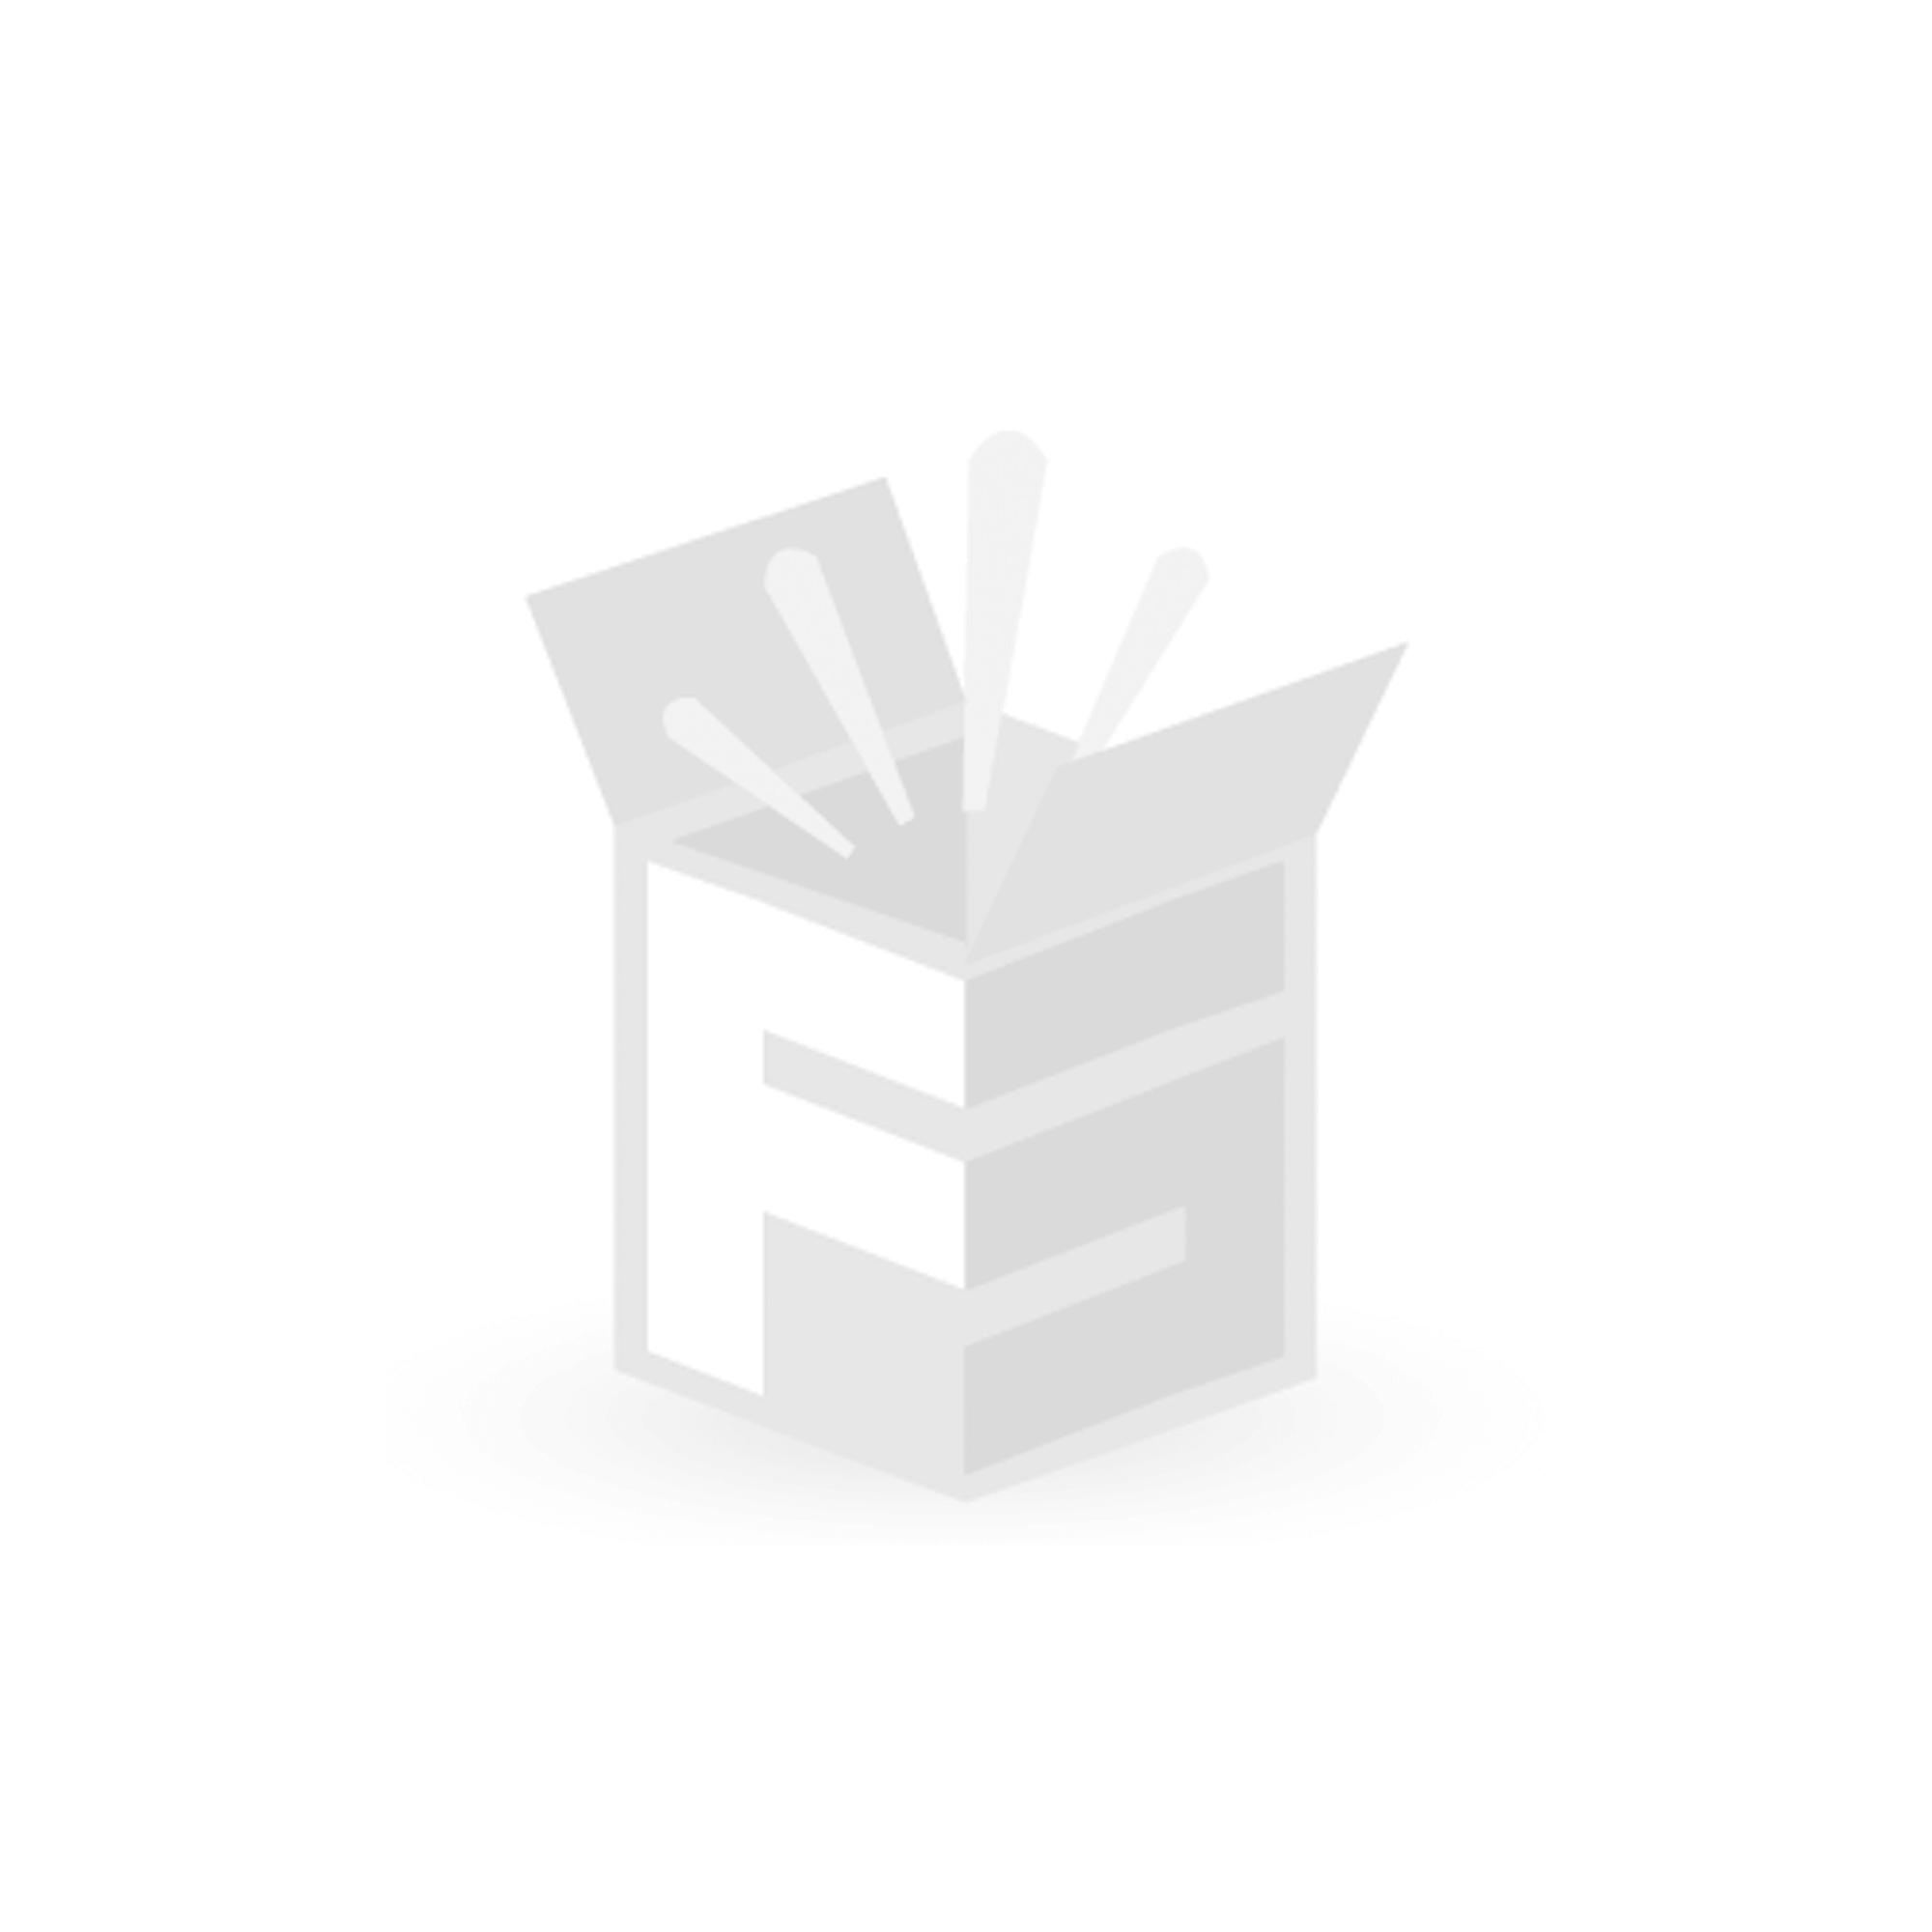 Contini höhenverstellbarer Bürotisch 1.8x0.9m beige / Gestell weiss